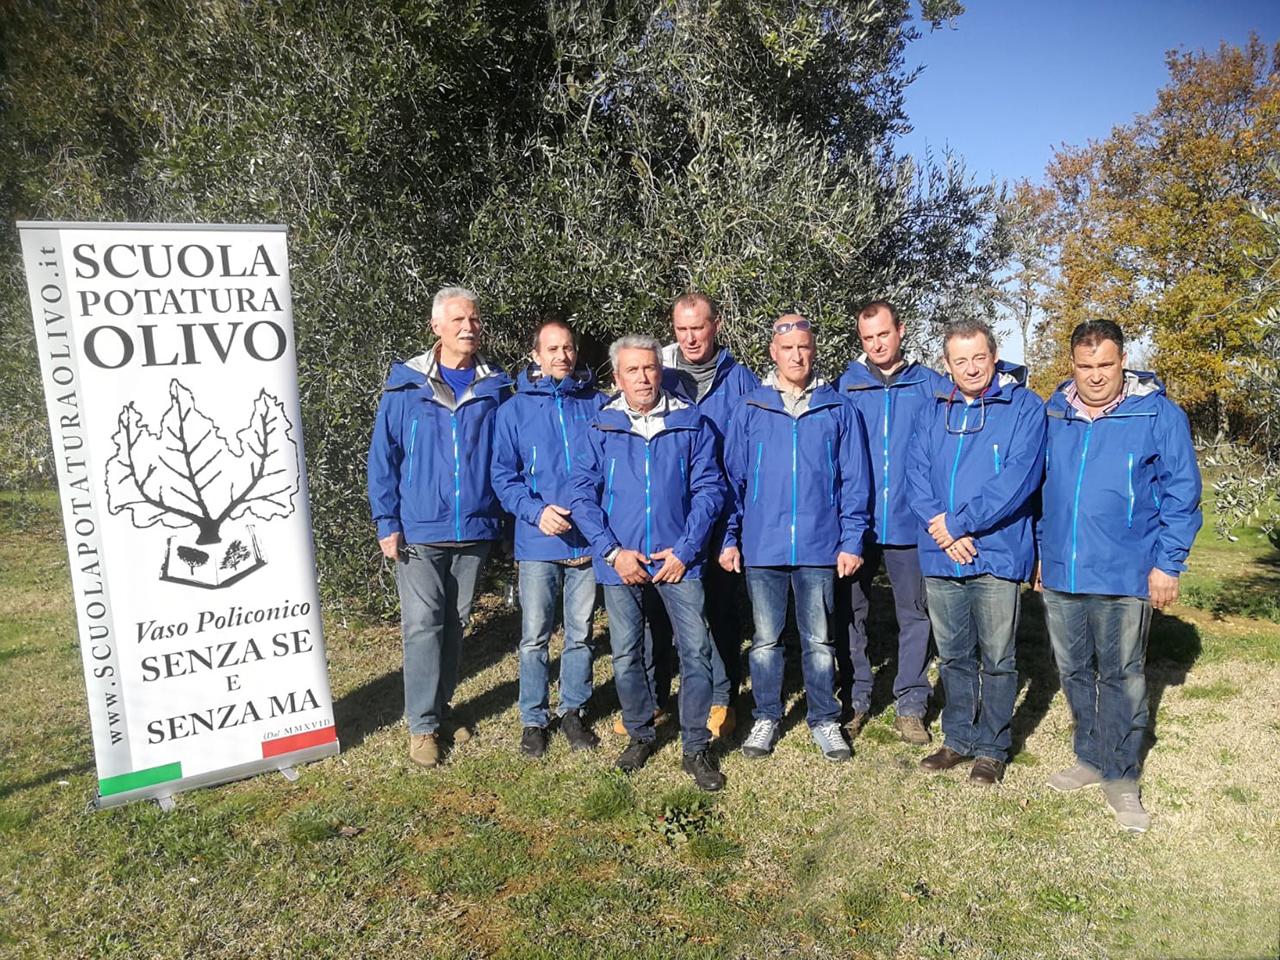 Scuola di Potatura dell'olivo